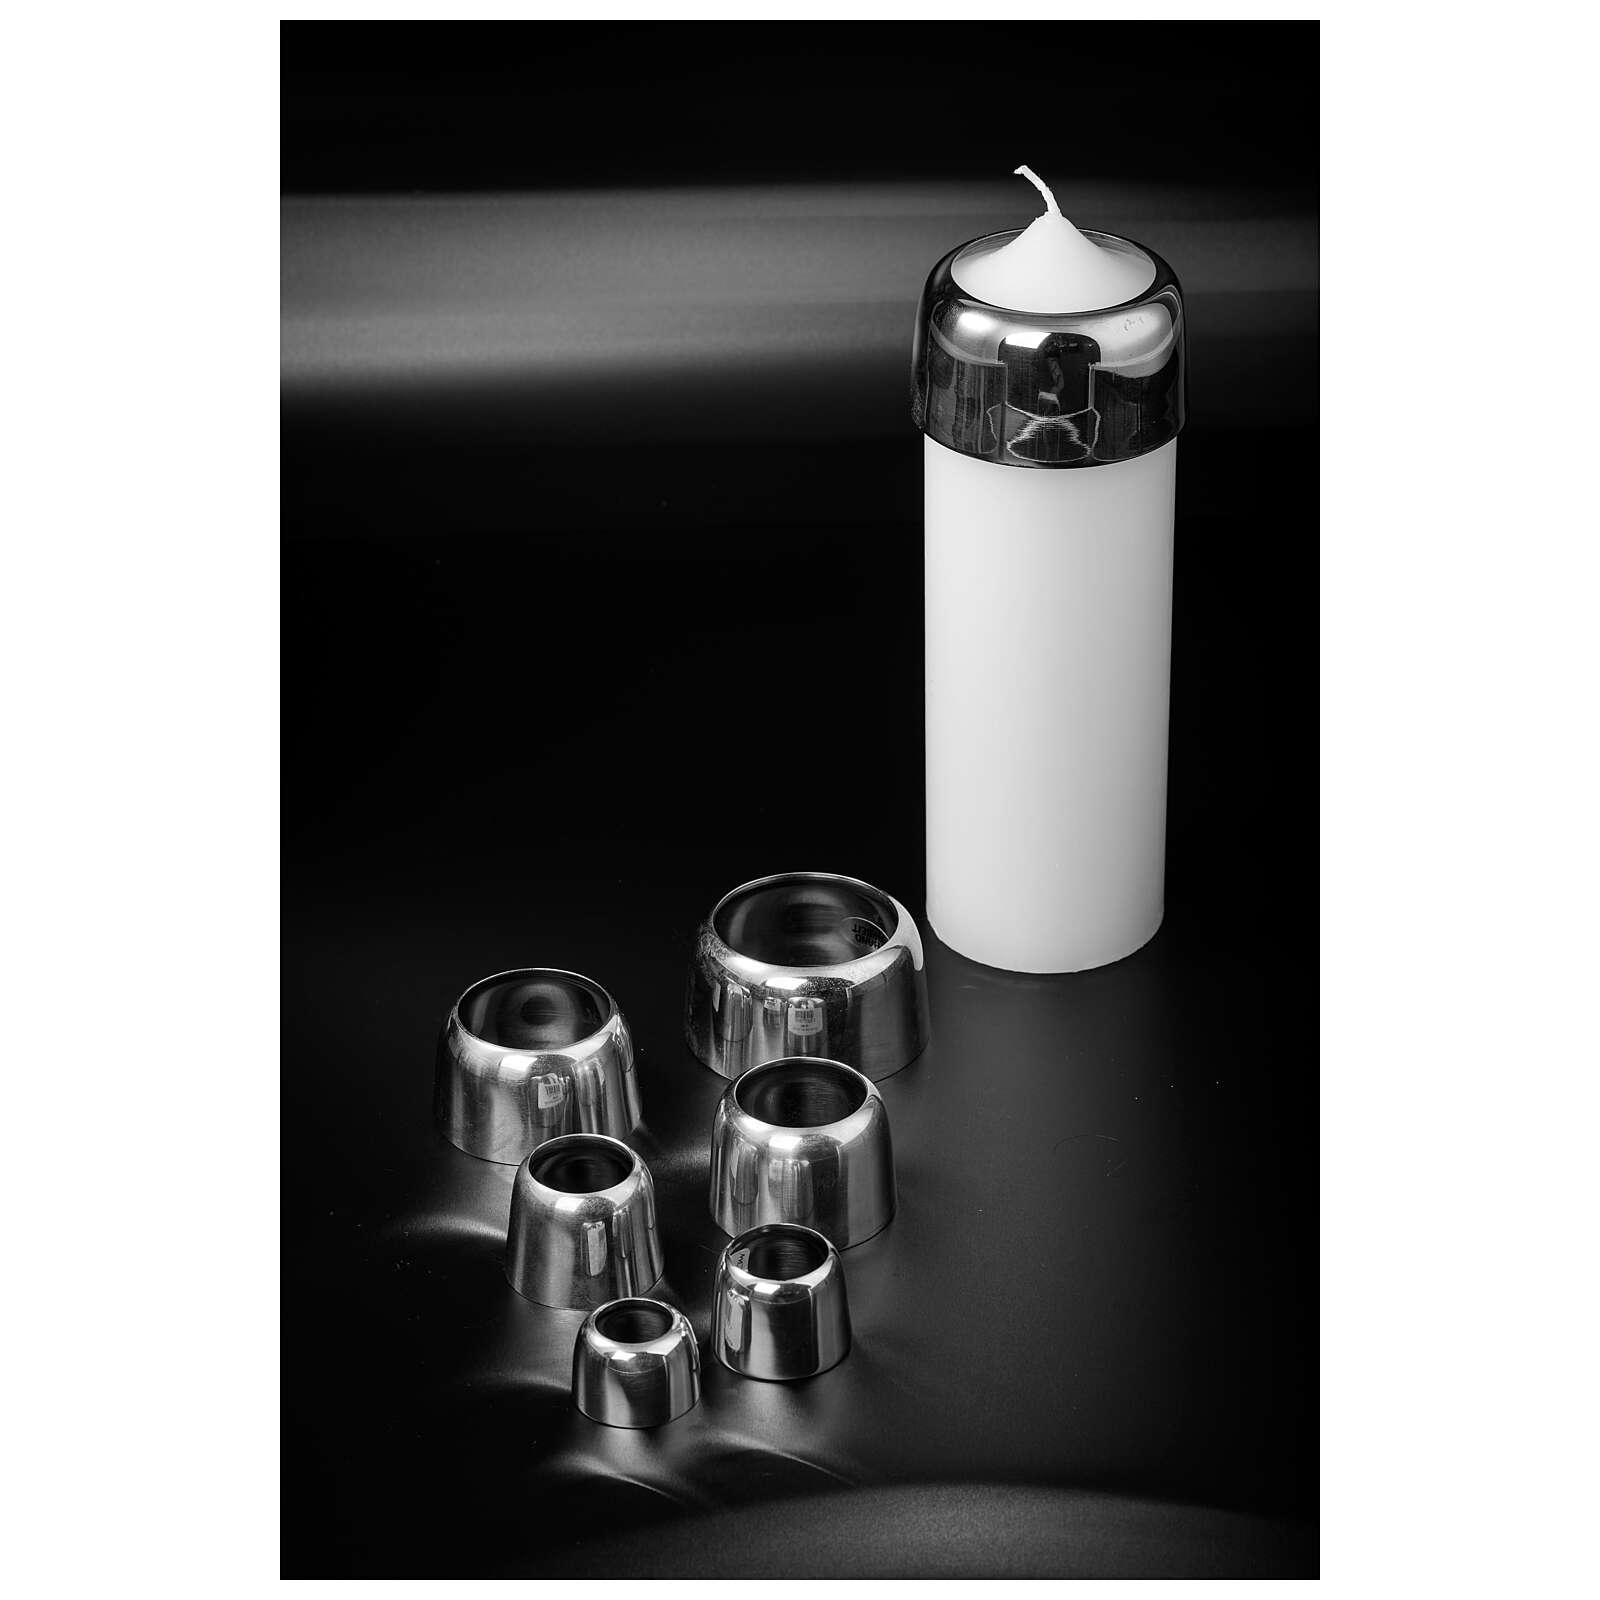 Bague pour bougie accessoire laiton nickelé 3,5 cm 4